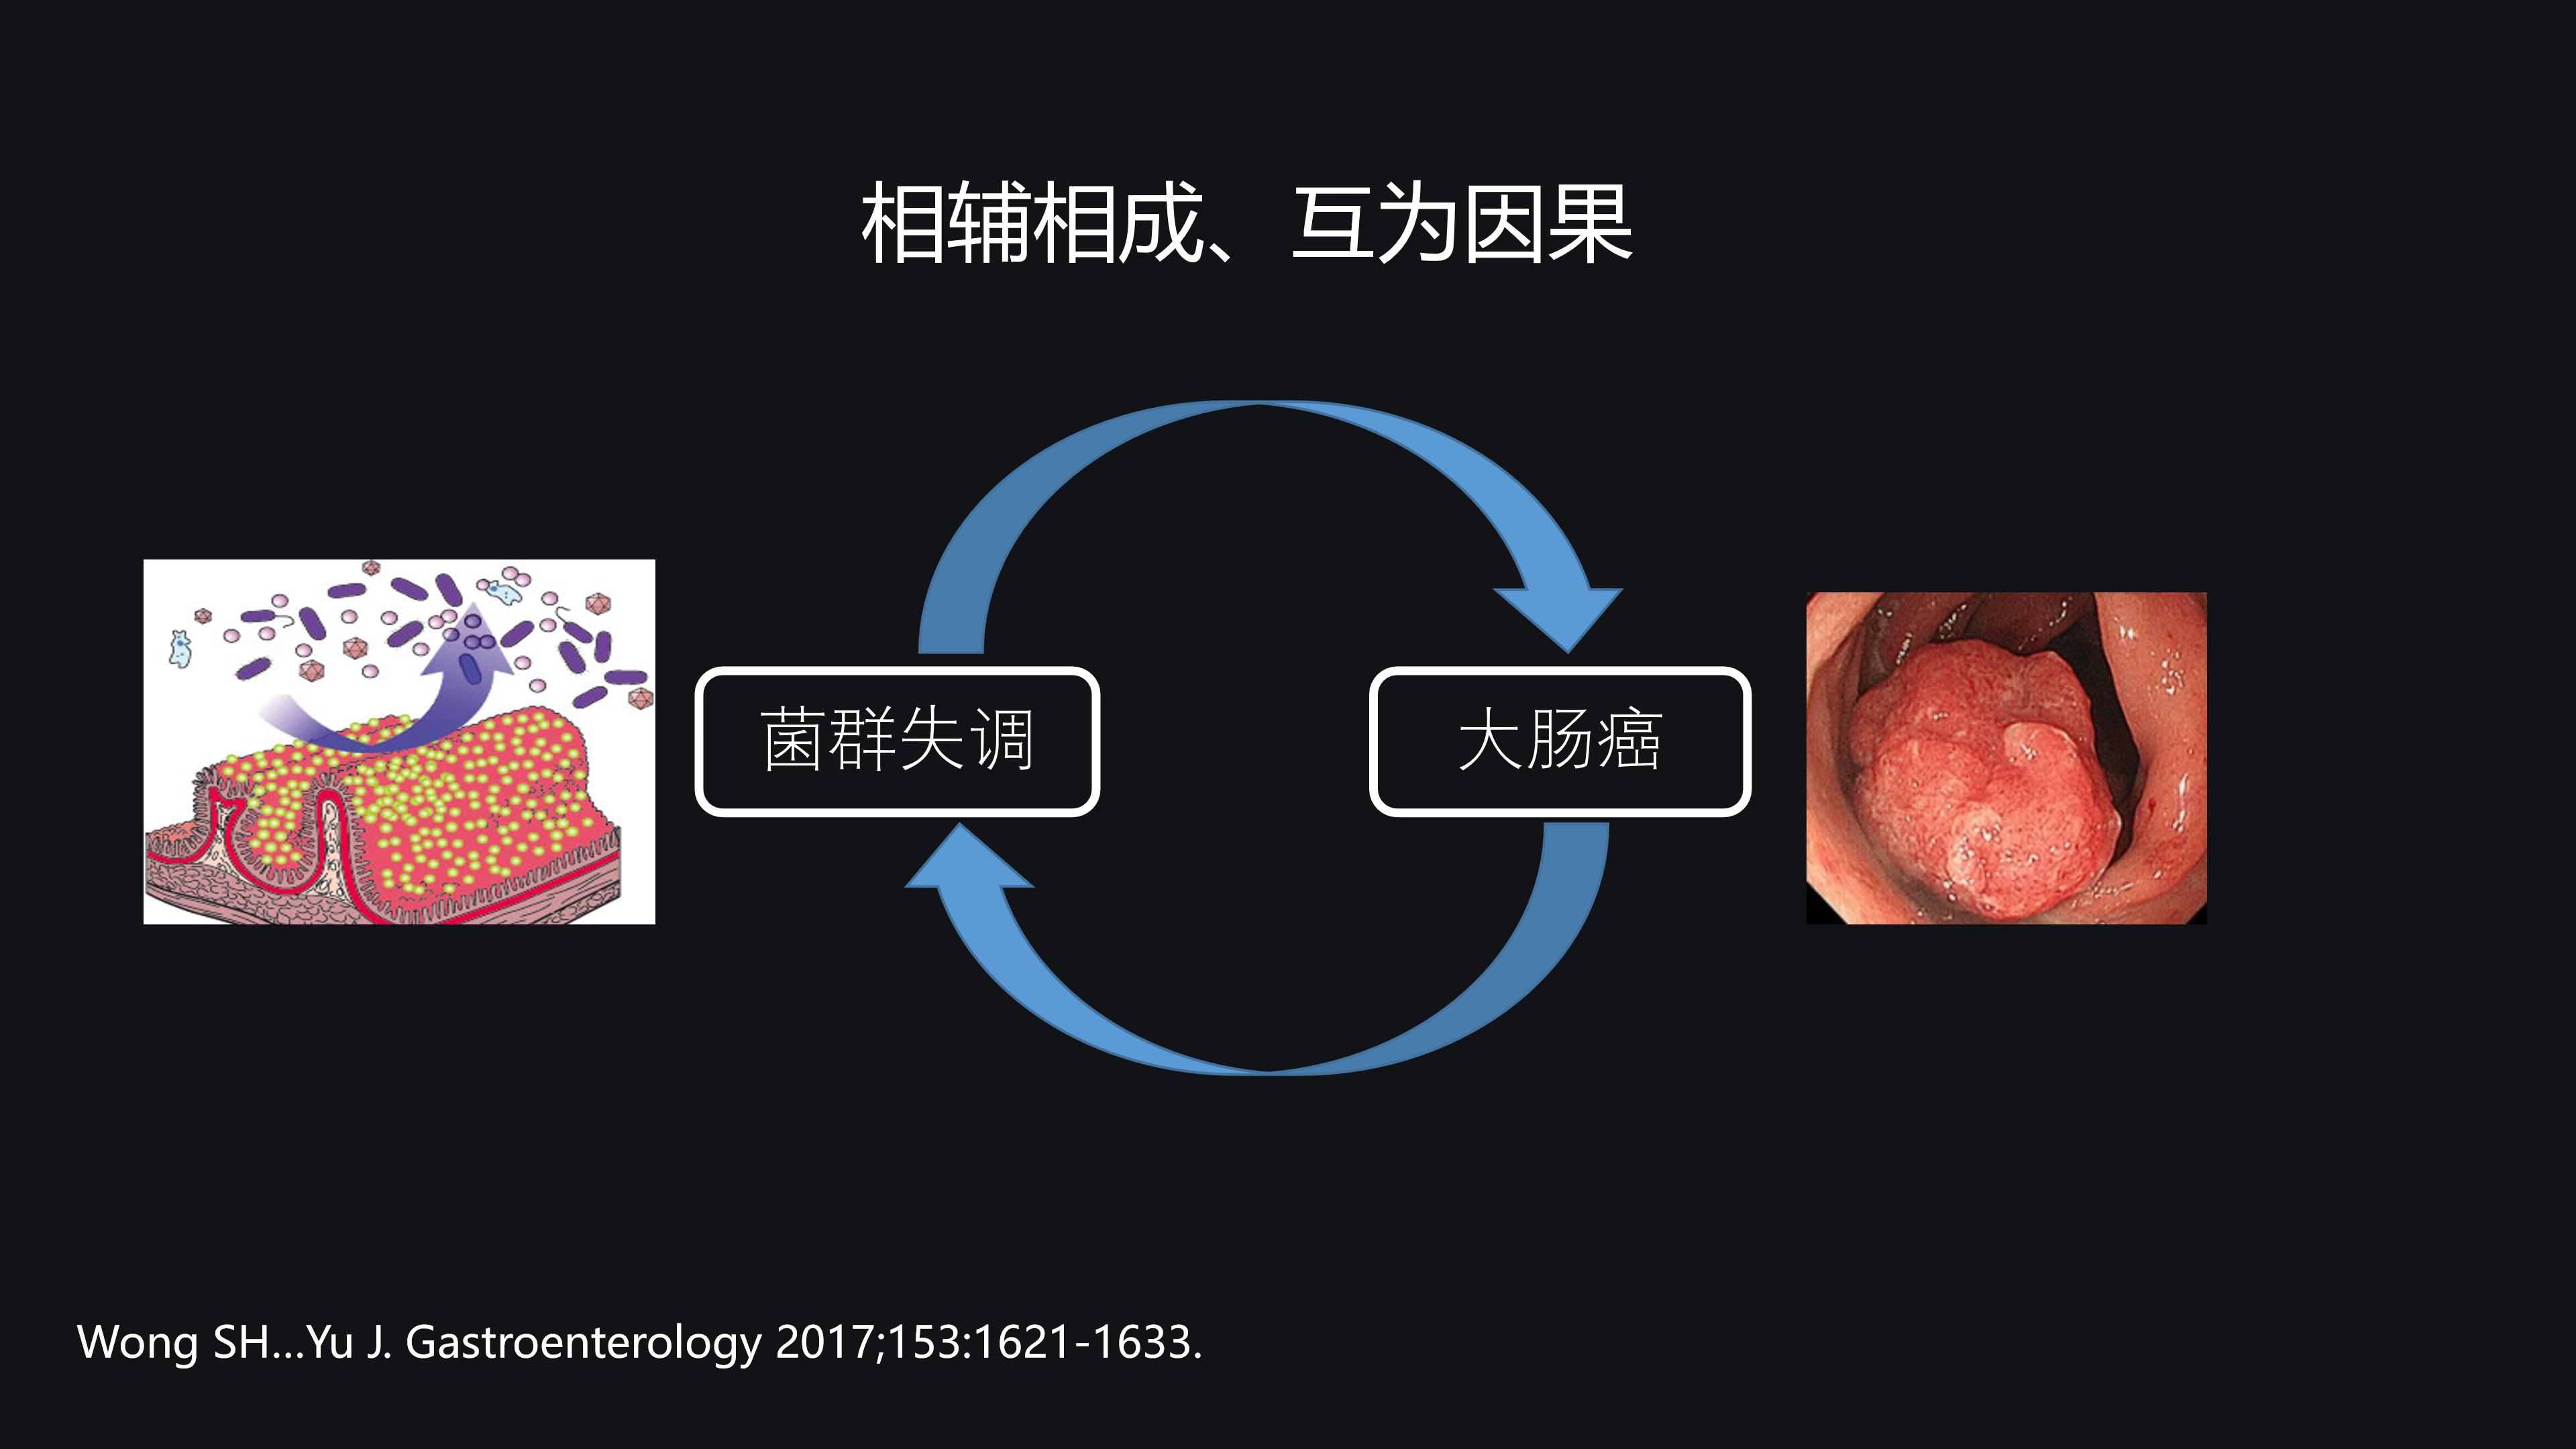 肠道菌群与大肠癌-于君(修改版)-Re3 - 副本_20.png